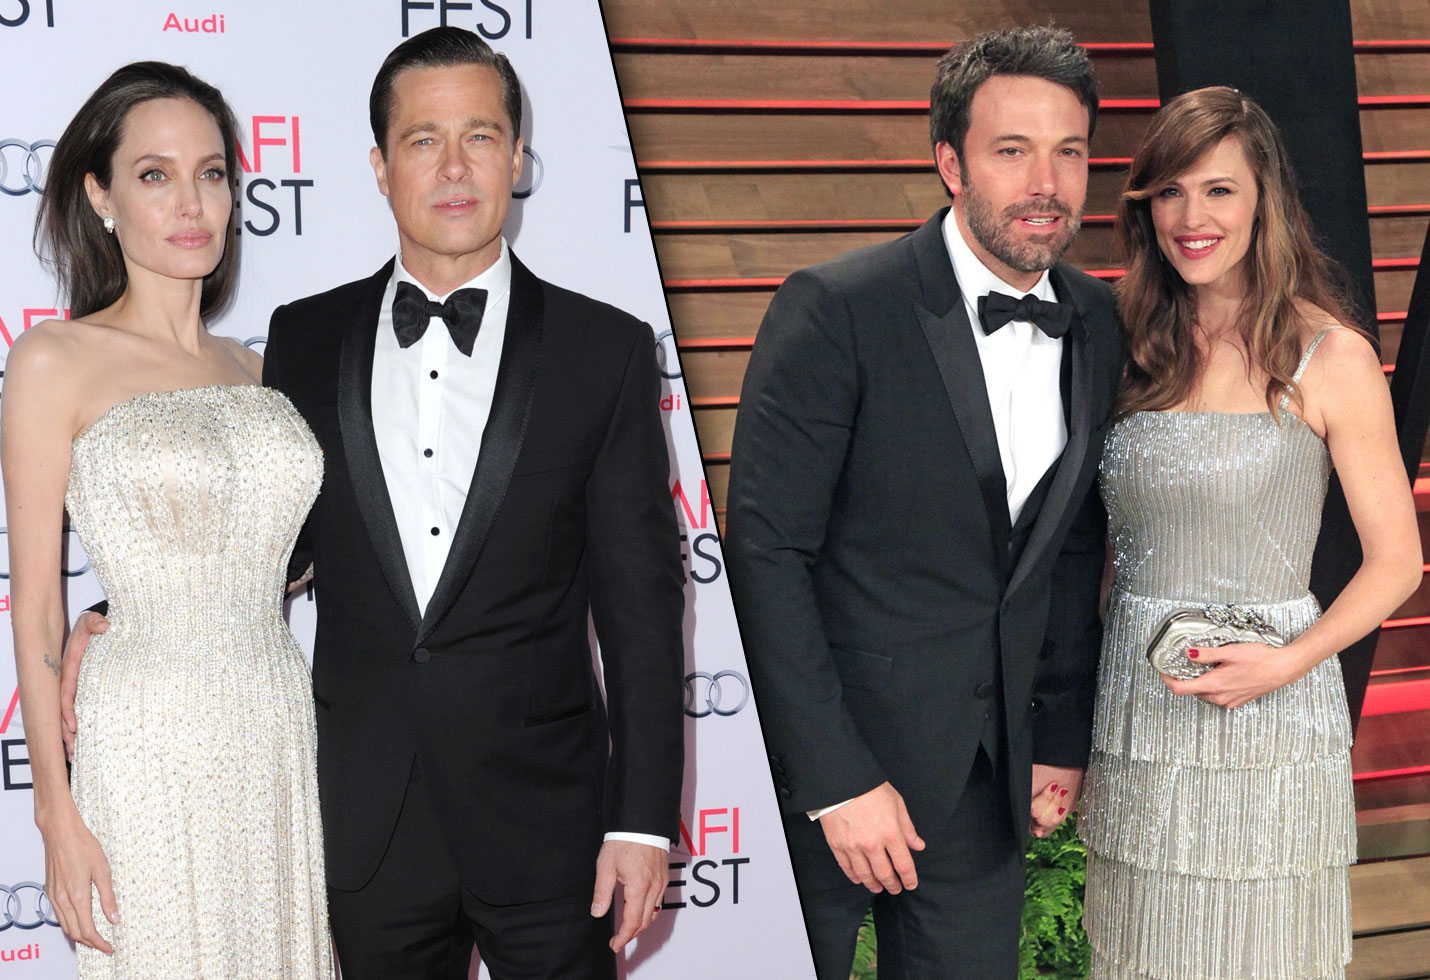 Bradd Pitt and Angelina Jolie / Ben Affleck and Jennifer Garner